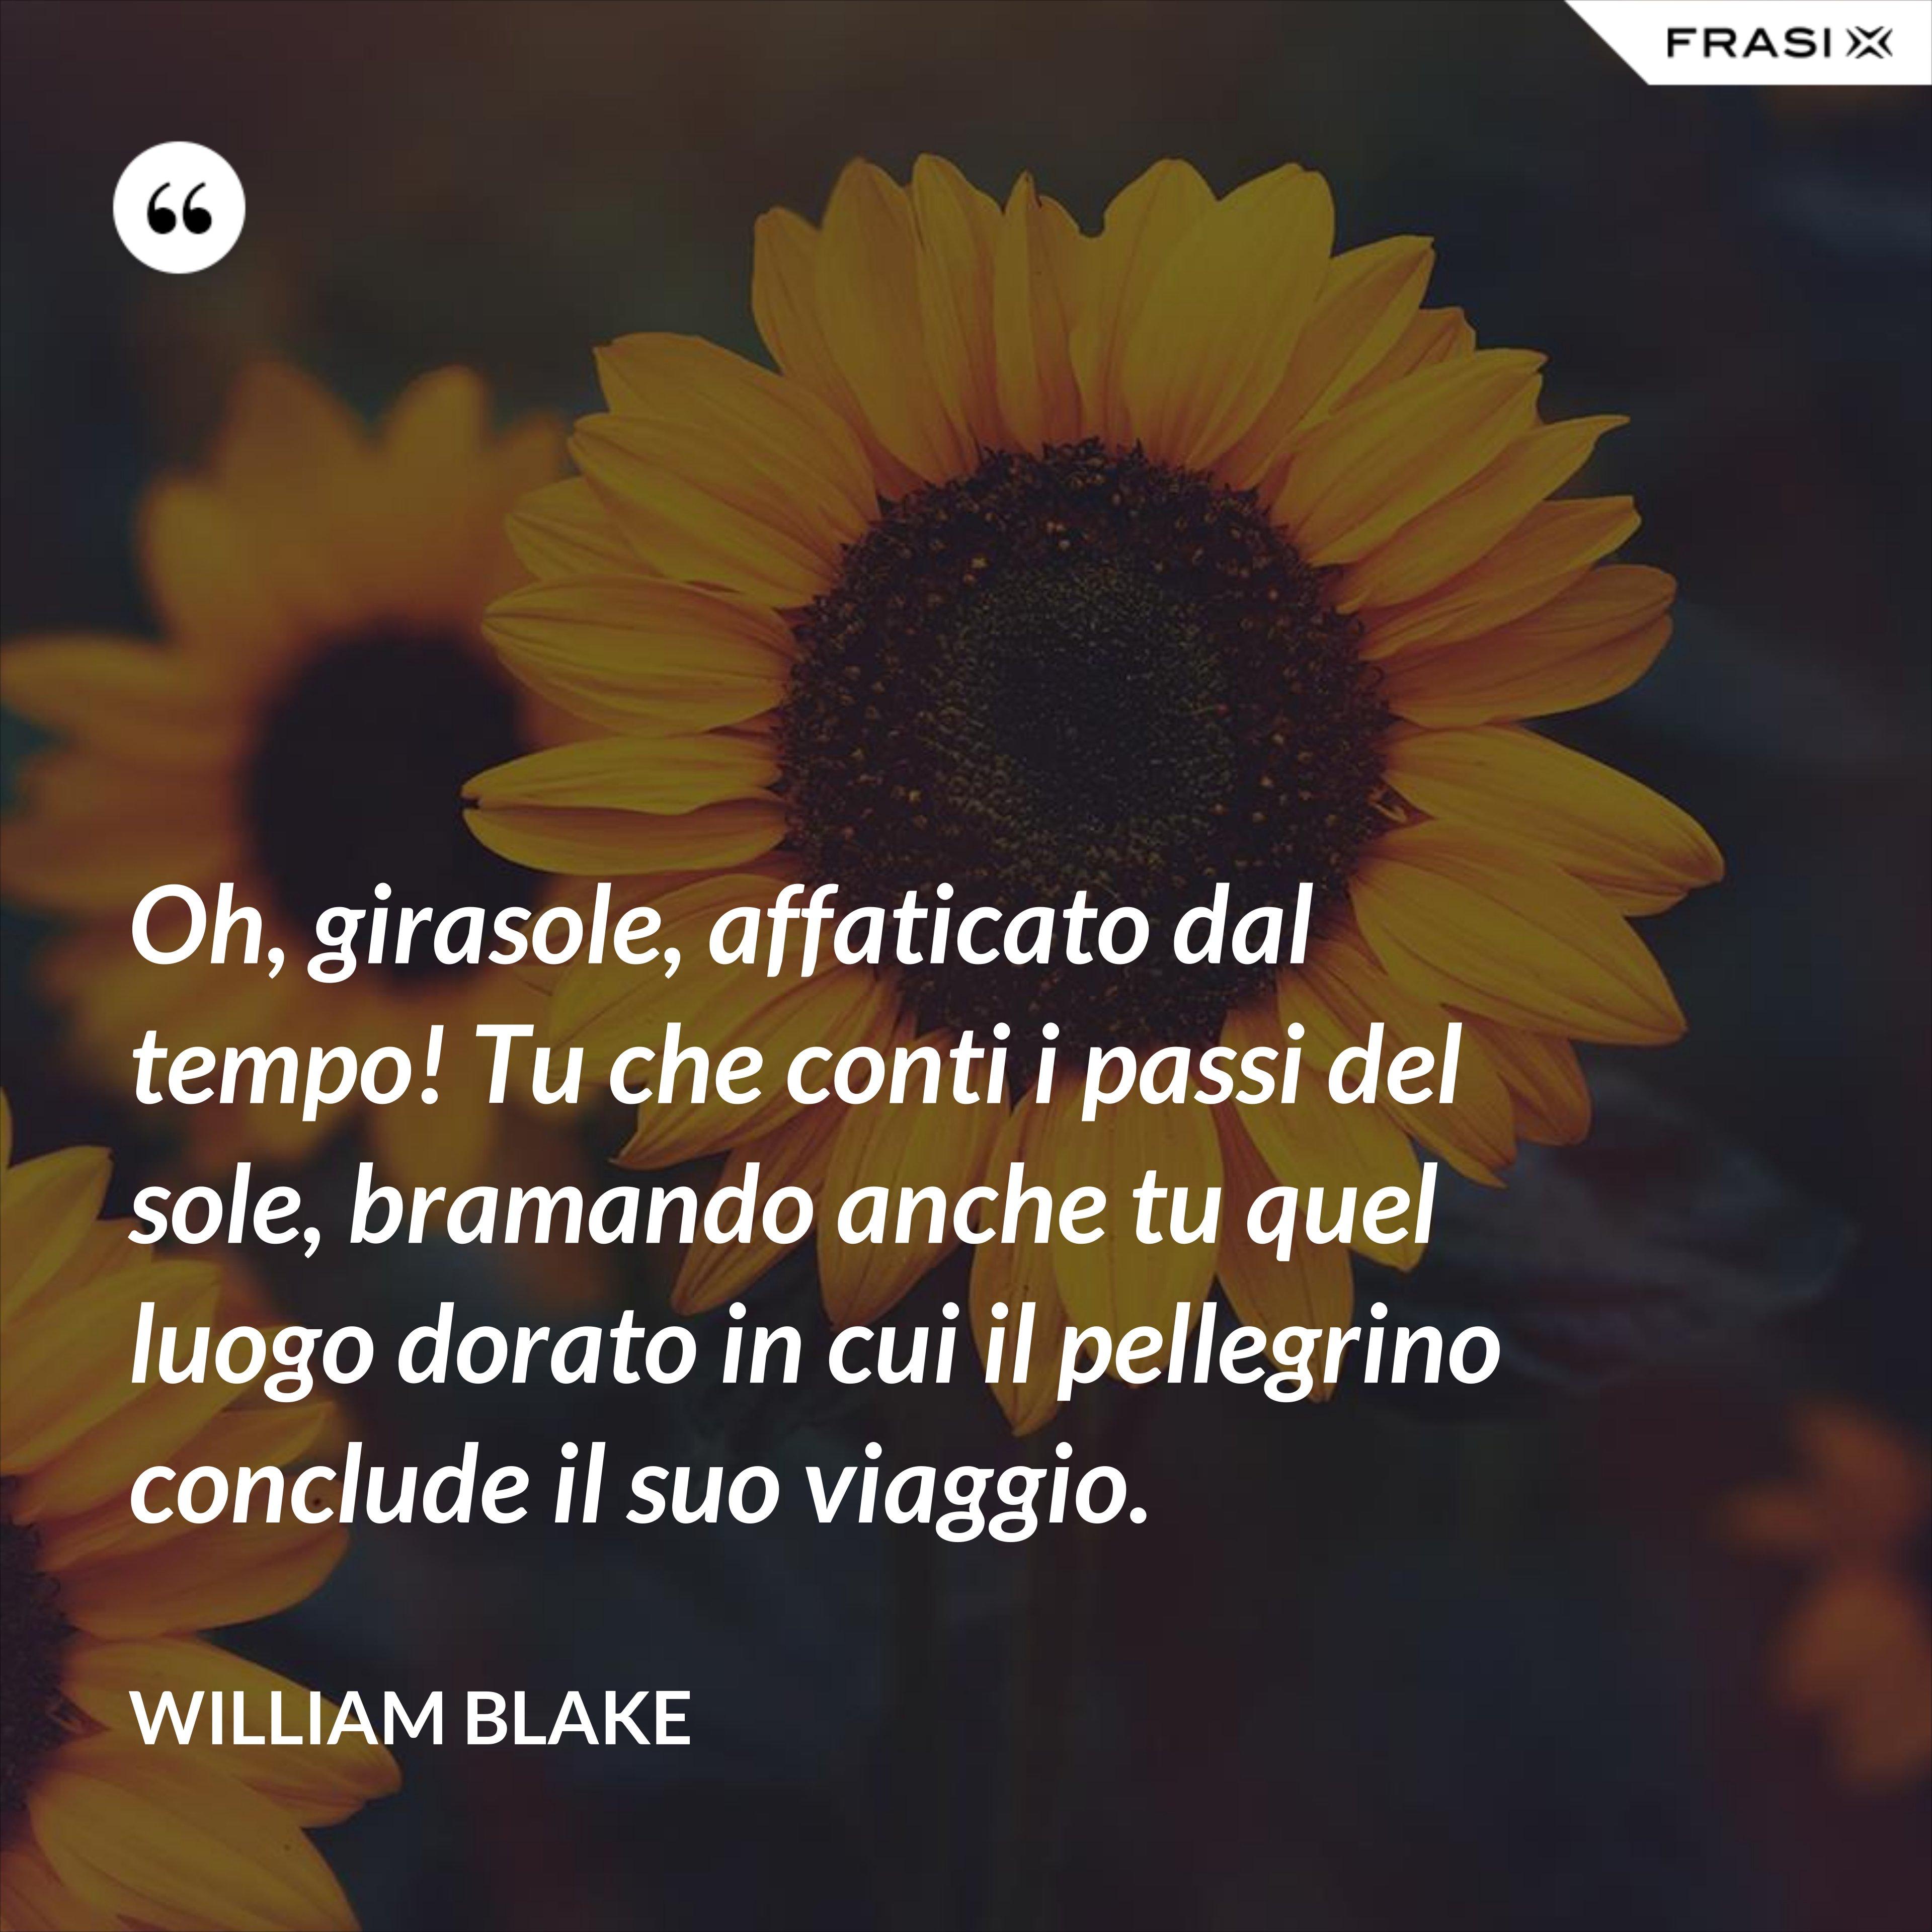 Oh, girasole, affaticato dal tempo! Tu che conti i passi del sole, bramando anche tu quel luogo dorato in cui il pellegrino conclude il suo viaggio. - William Blake